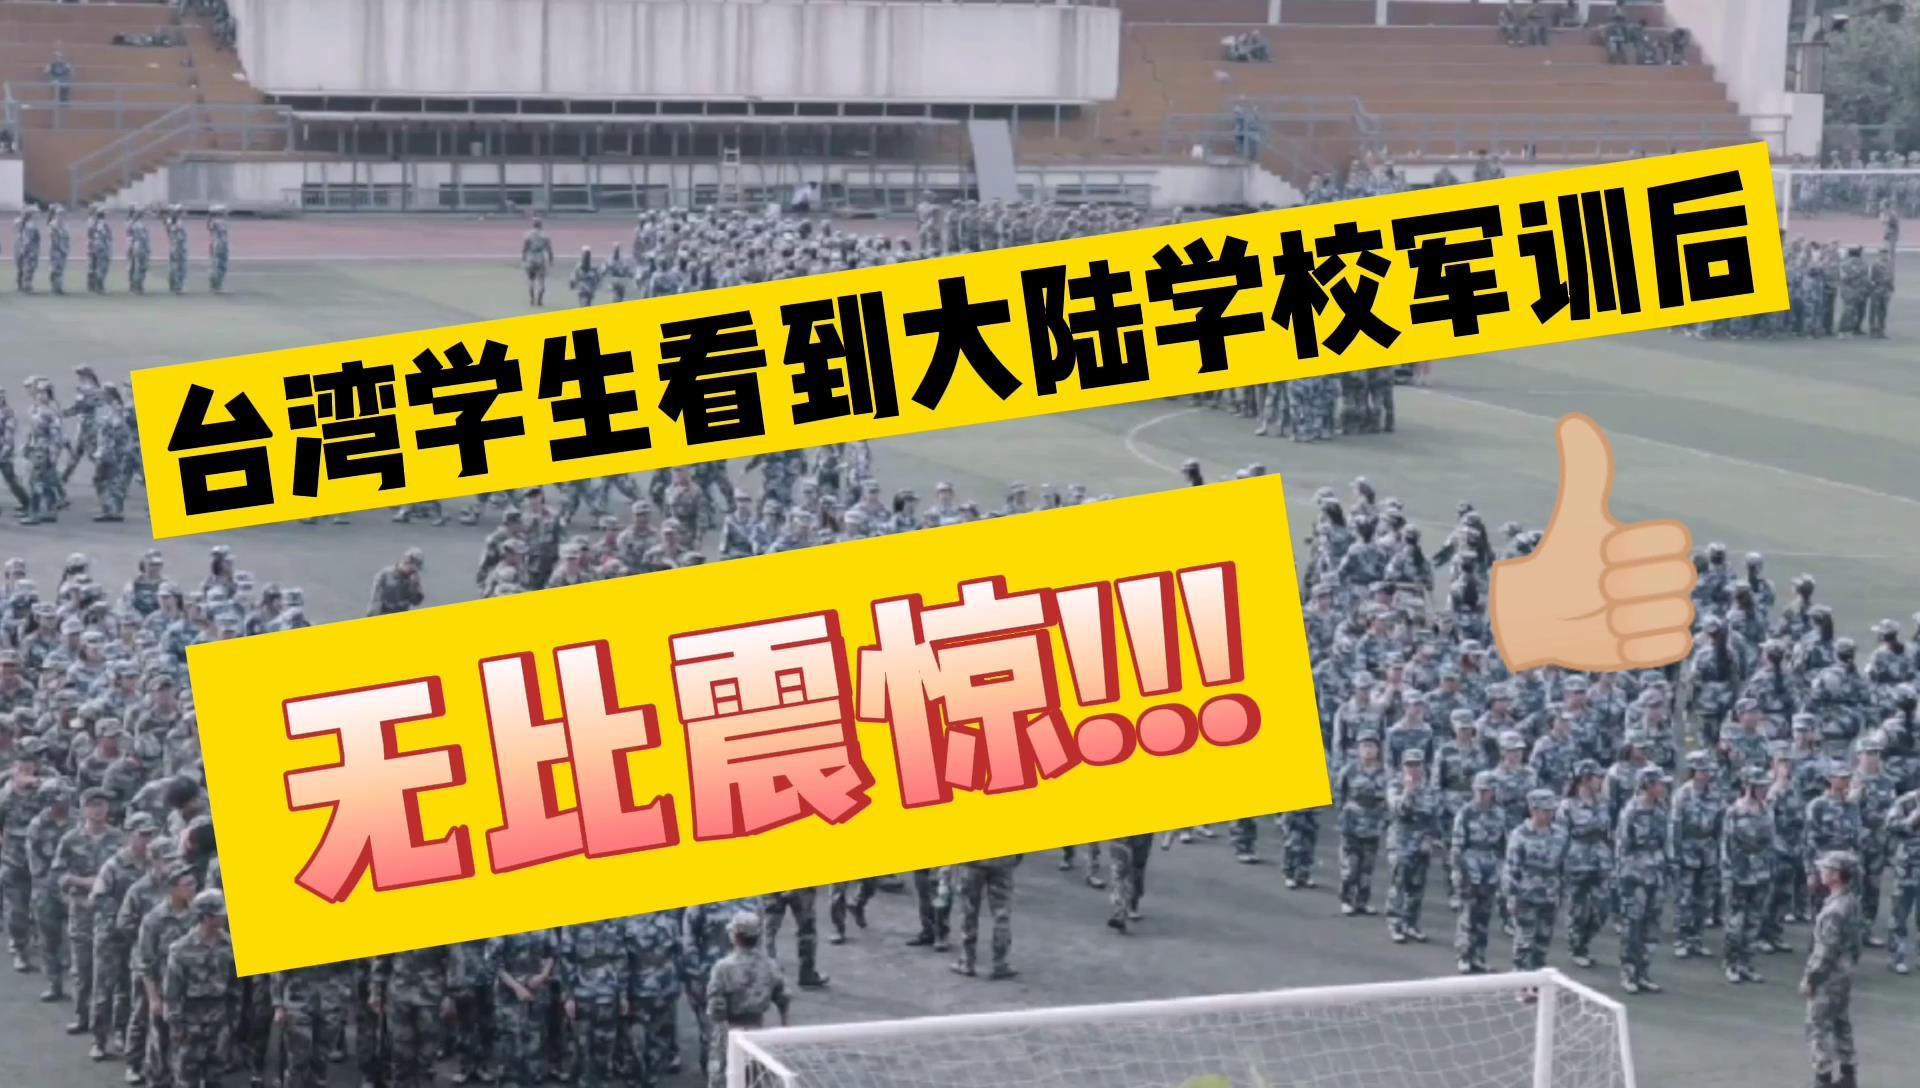 台湾学生看到大陆学生军训后无比震惊!!!图片